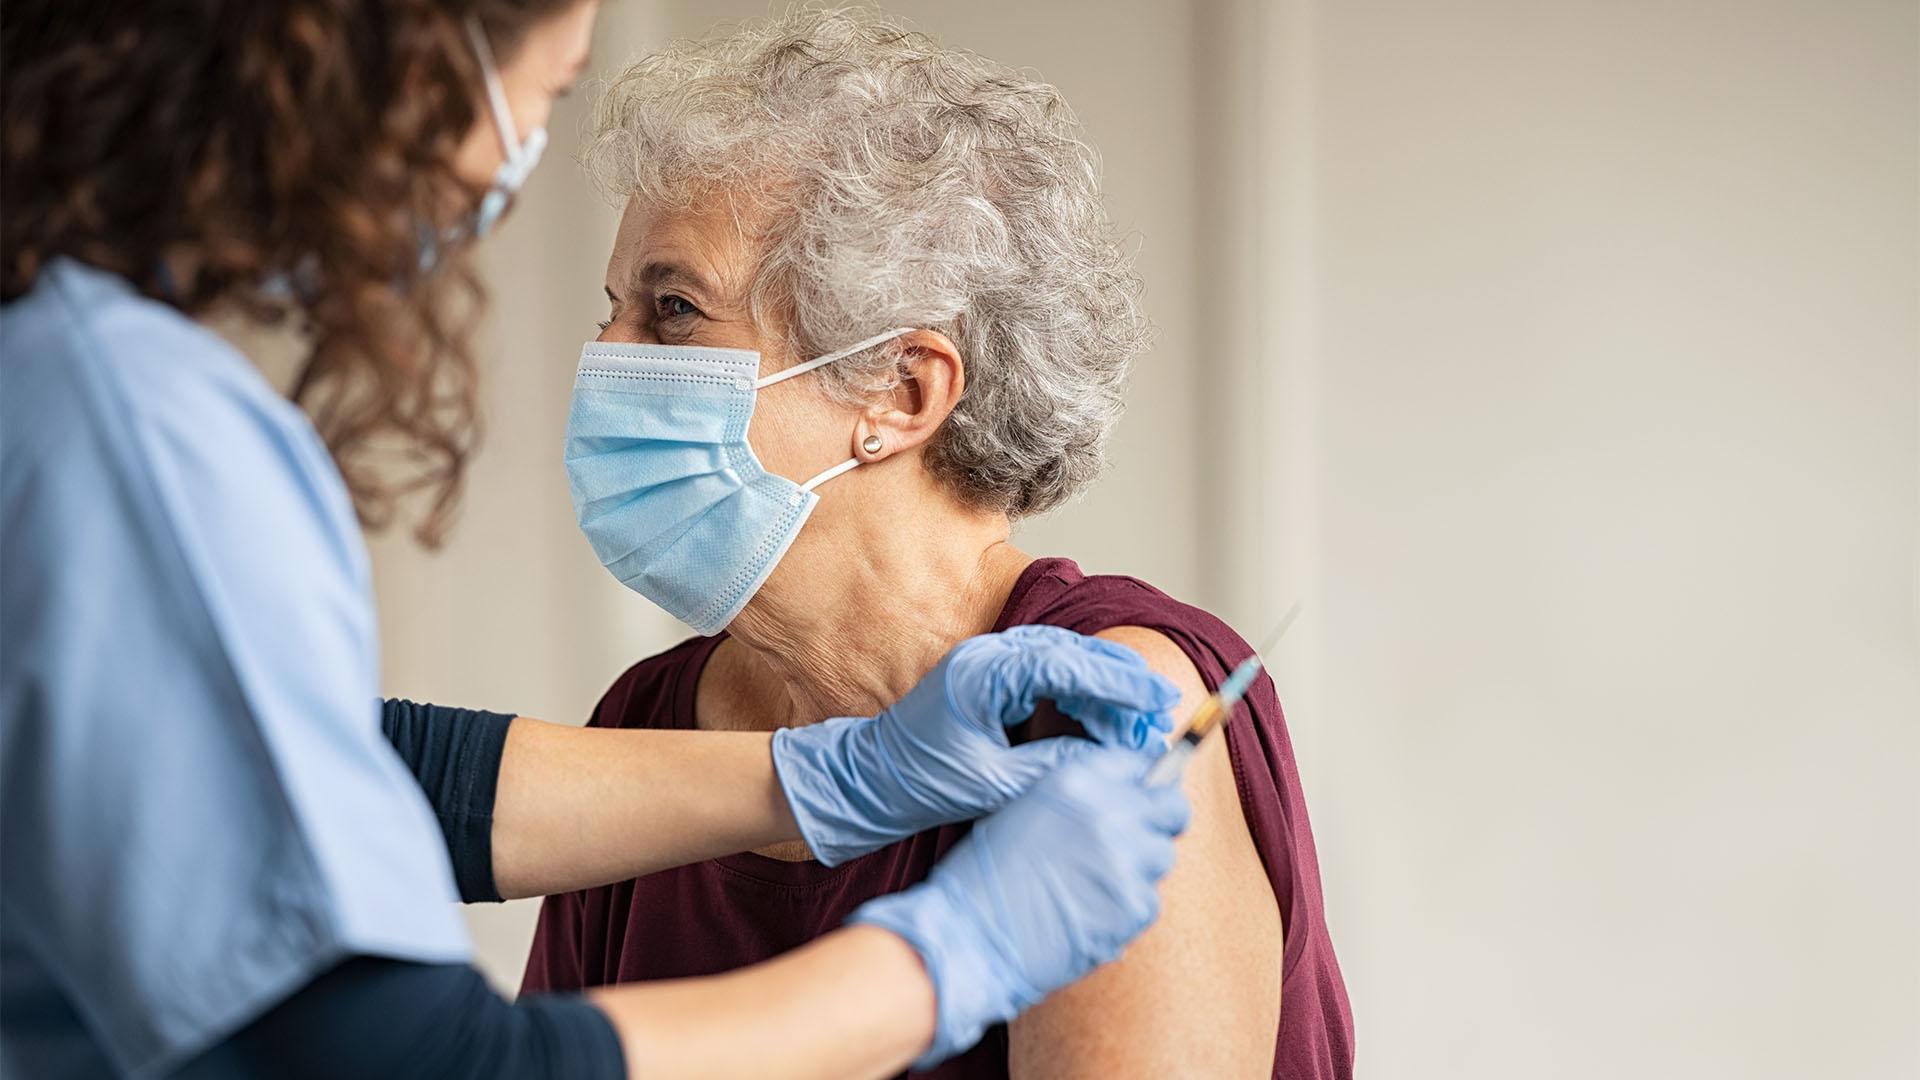 Holnaptól kérhető a harmadik koronavírus elleni oltás